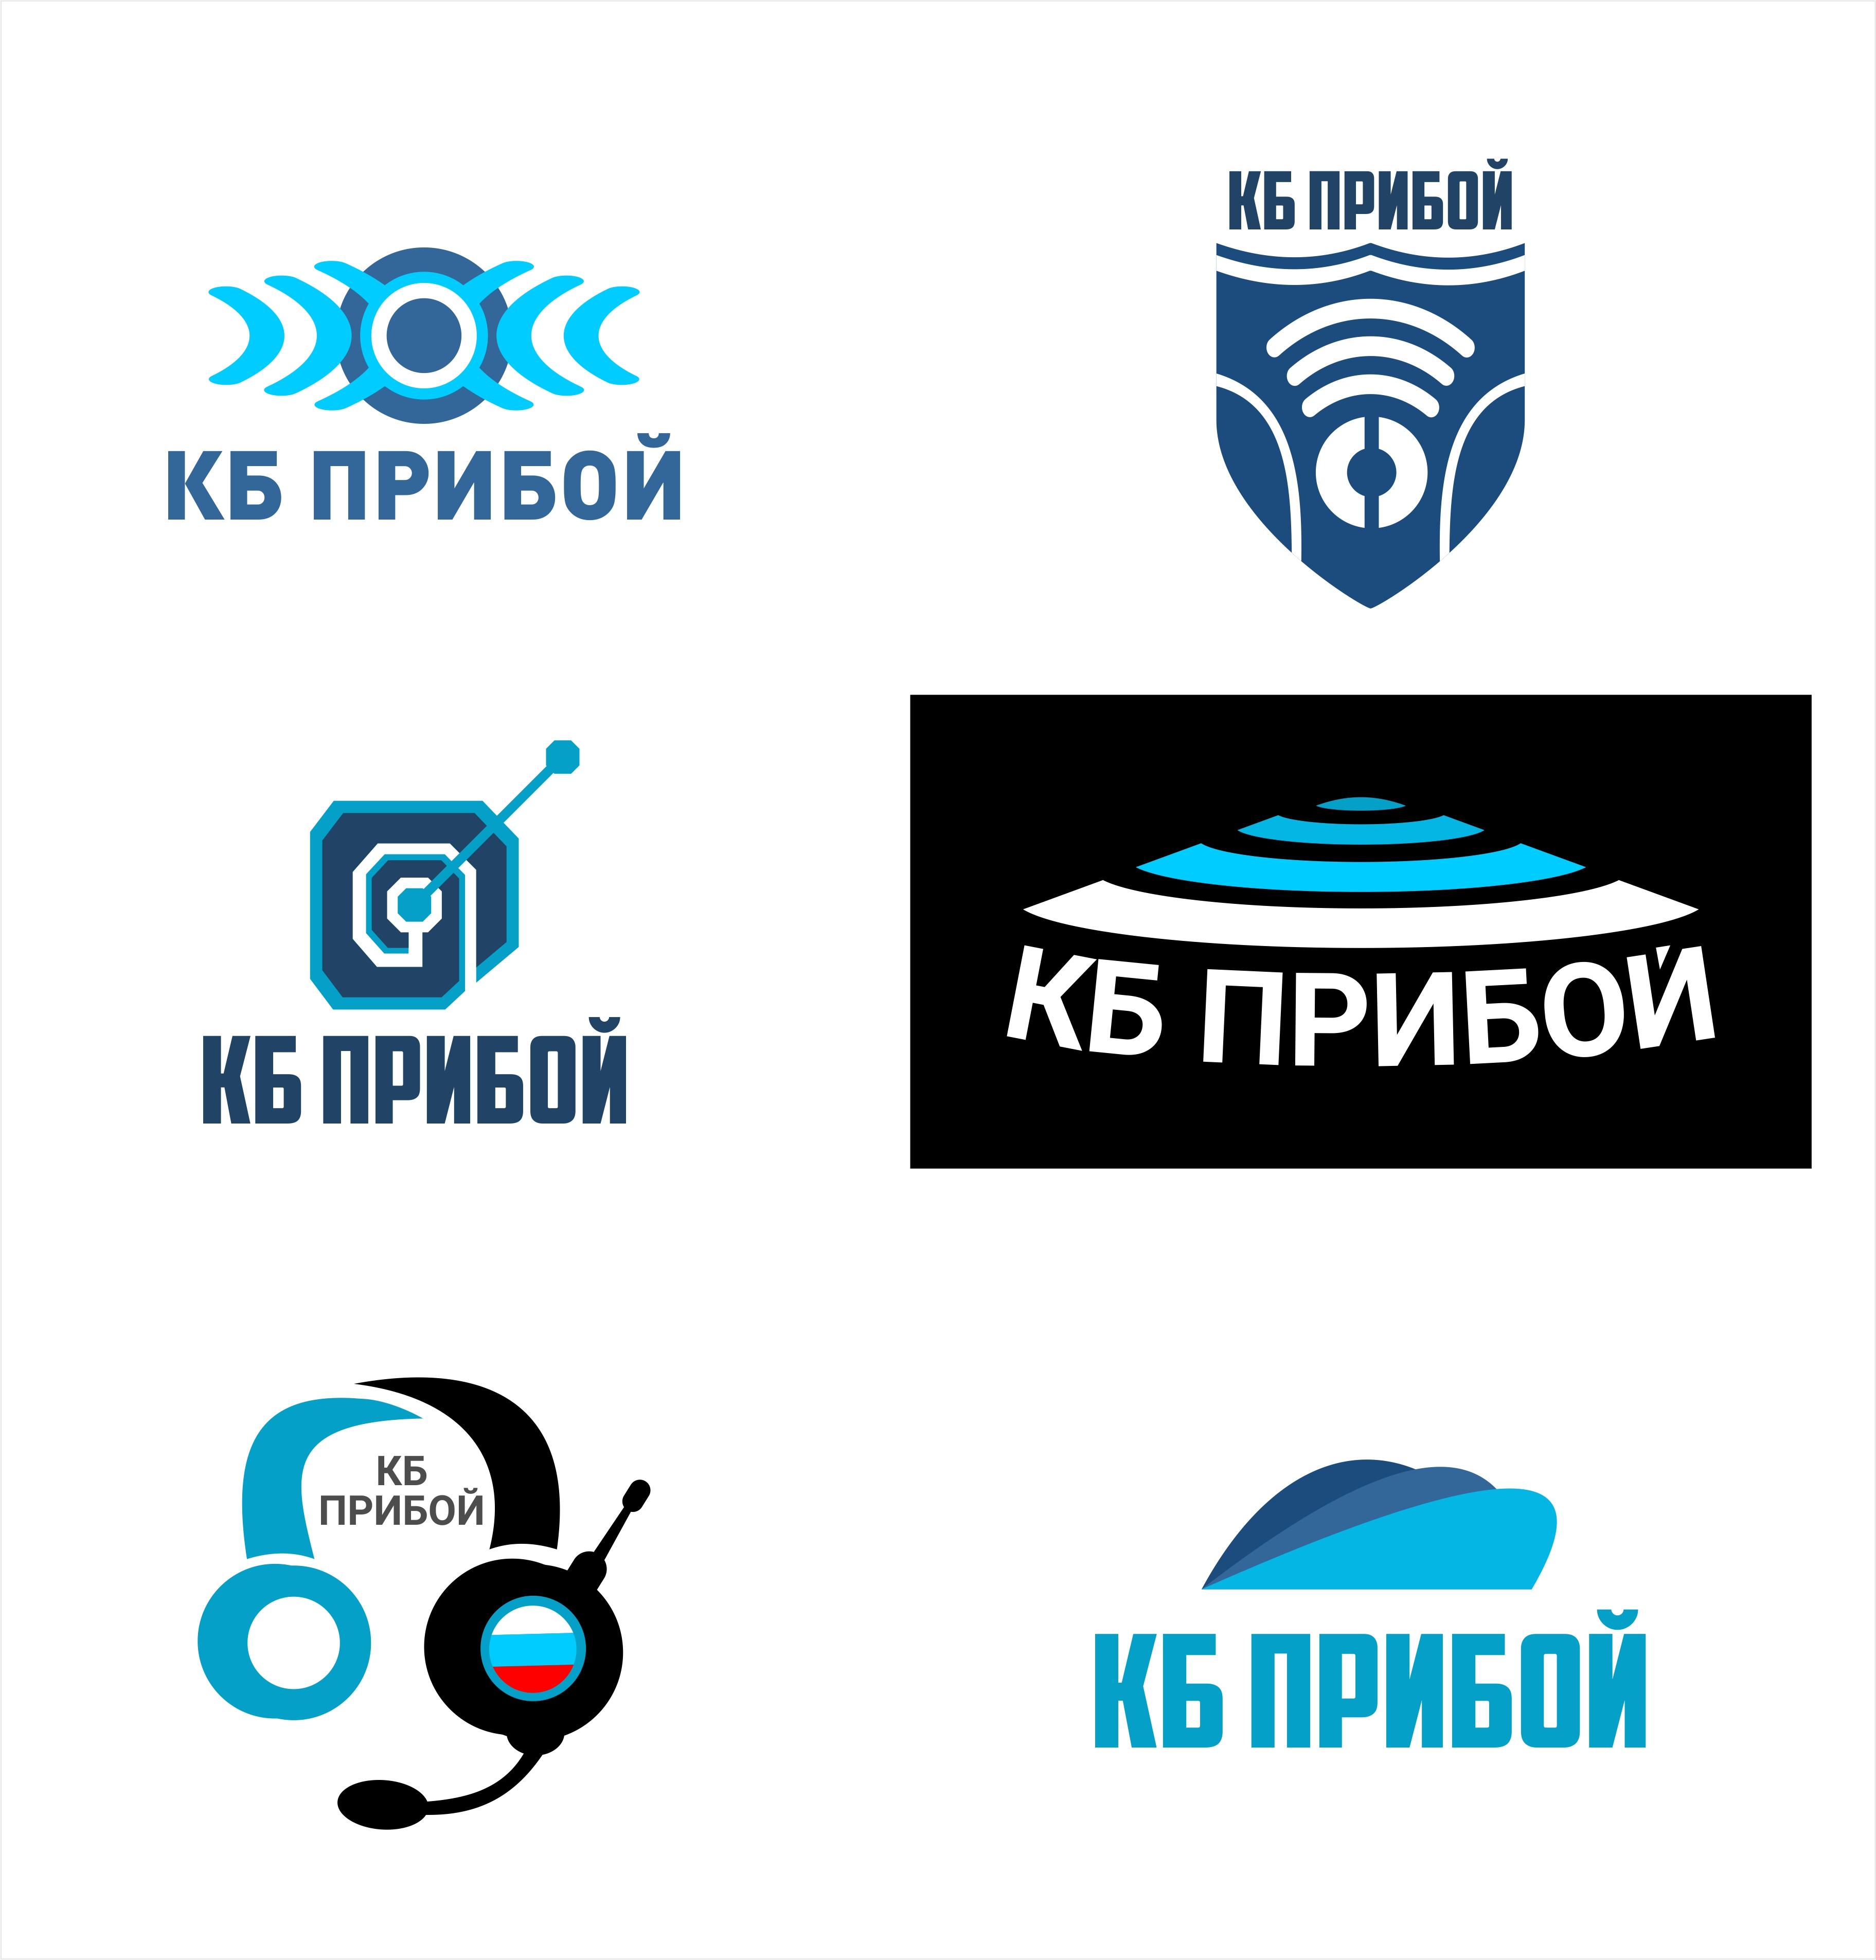 Разработка логотипа и фирменного стиля для КБ Прибой фото f_1925b27d90cdf1c0.jpg